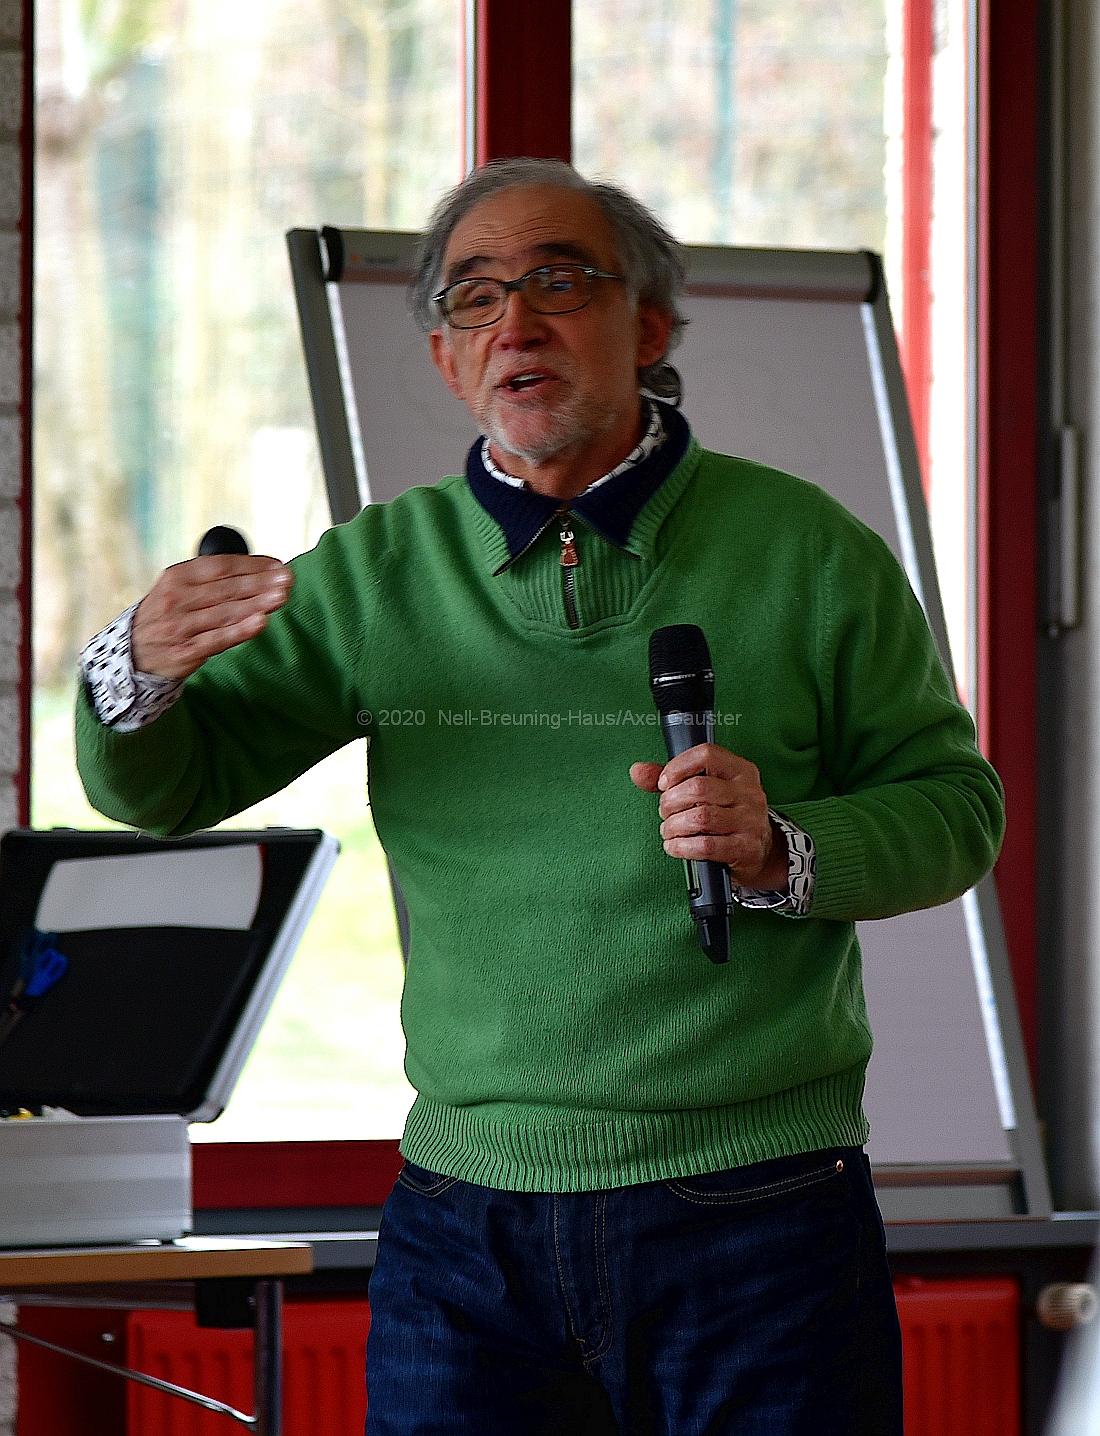 Antonio Brandao Guedes Feb. 2020